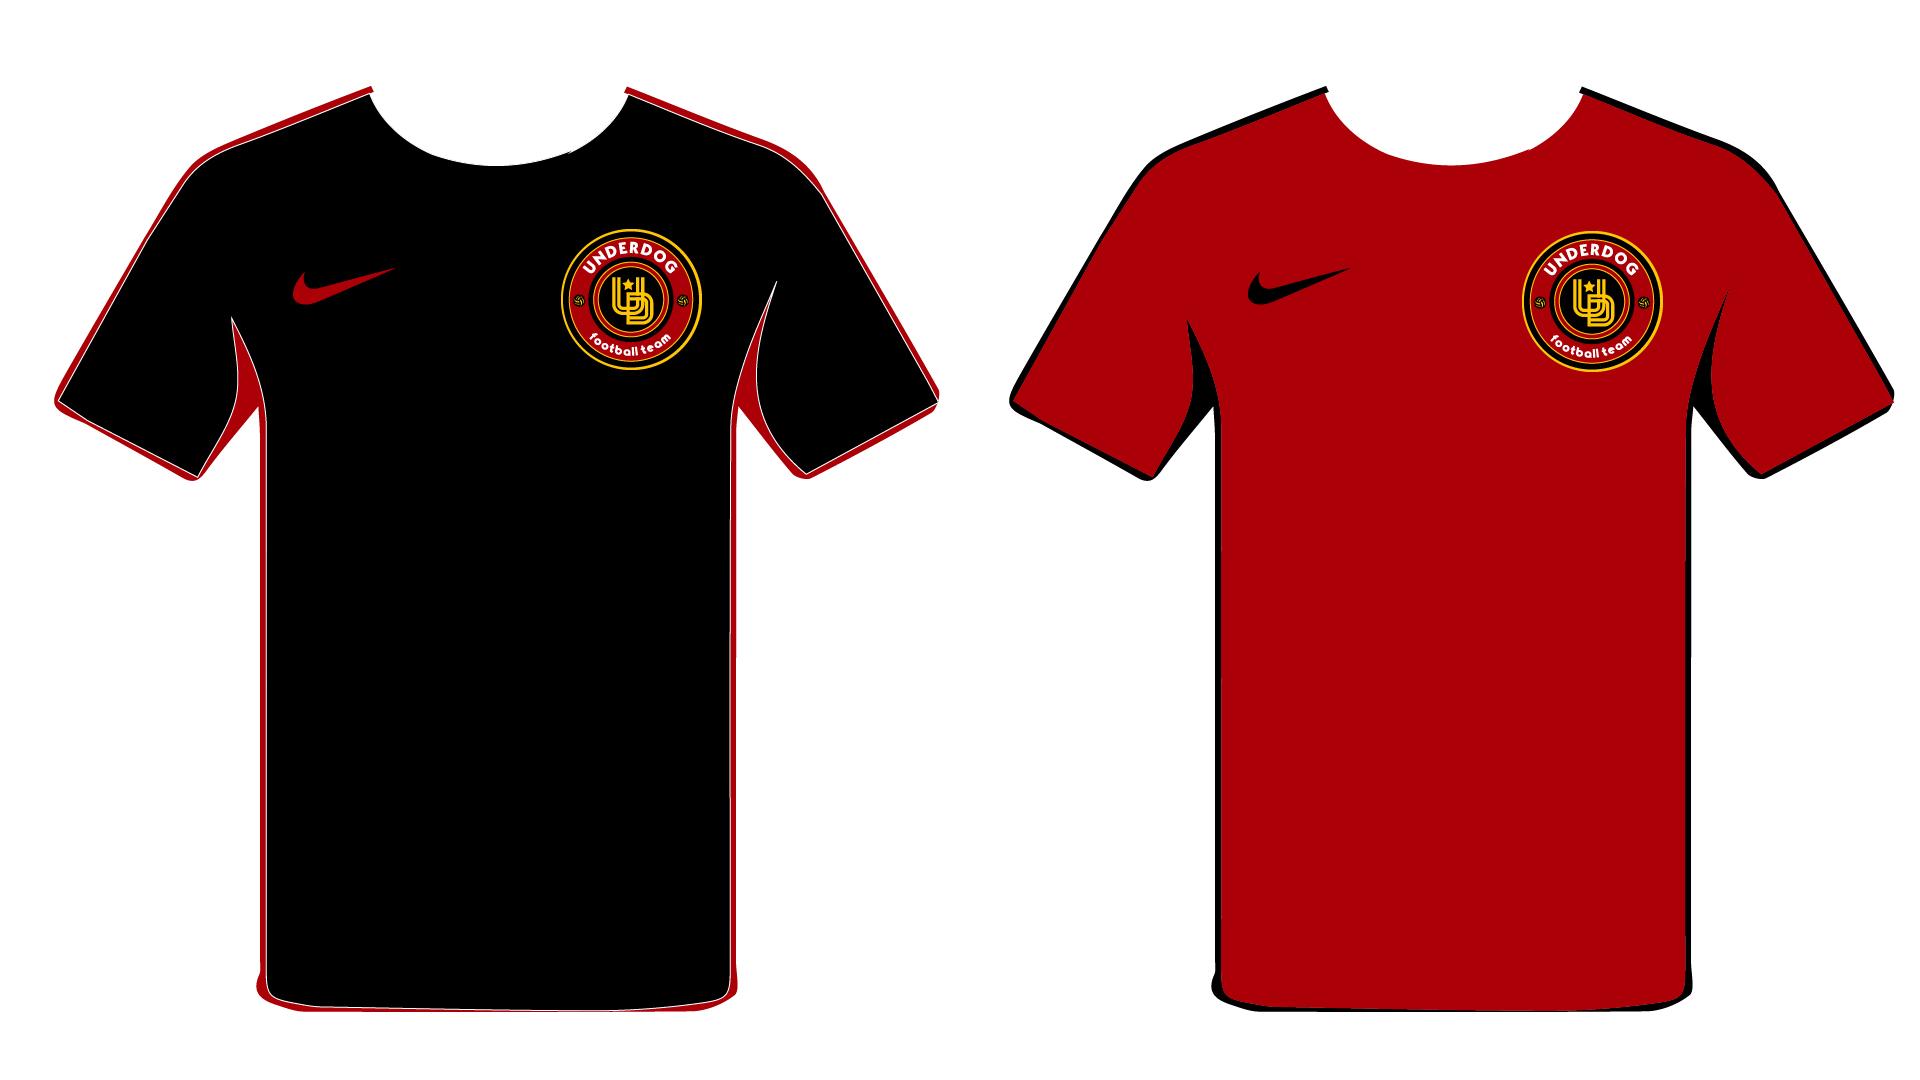 Футбольный клуб UNDERDOG - разработать фирстиль и бренд-бук фото f_8785cb39361e4bfd.jpg